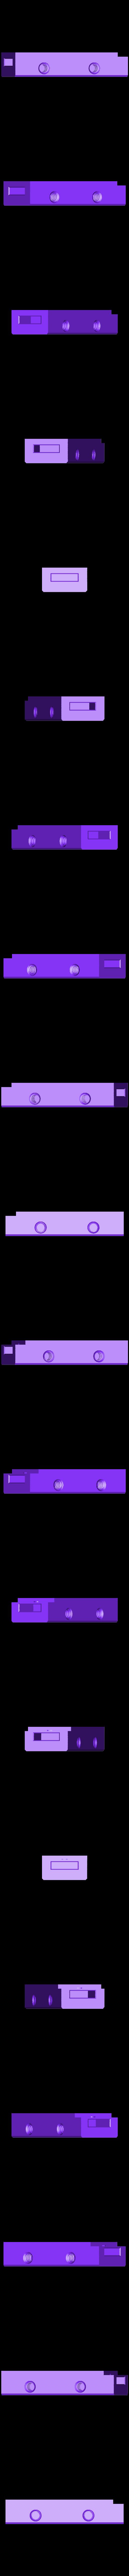 chassis_bottom.stl Télécharger fichier STL Jeu de construction de locomotives de train miniature • Plan imprimable en 3D, kozakm